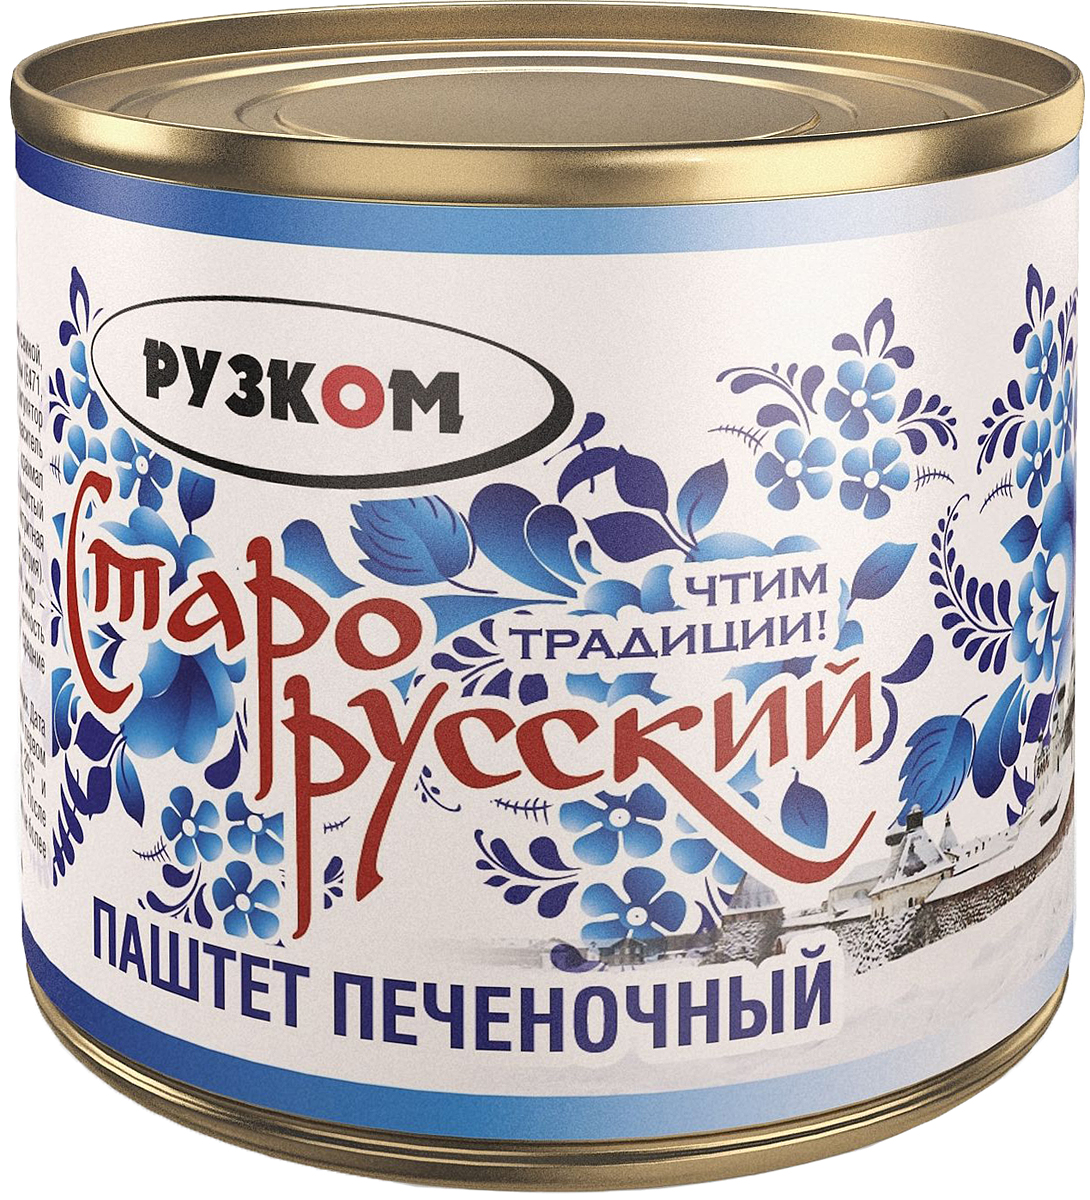 Рузком паштет печеночный Старорусский литография, 240 г4606411014474Паштет печеночный. Продукт готов к употреблению.